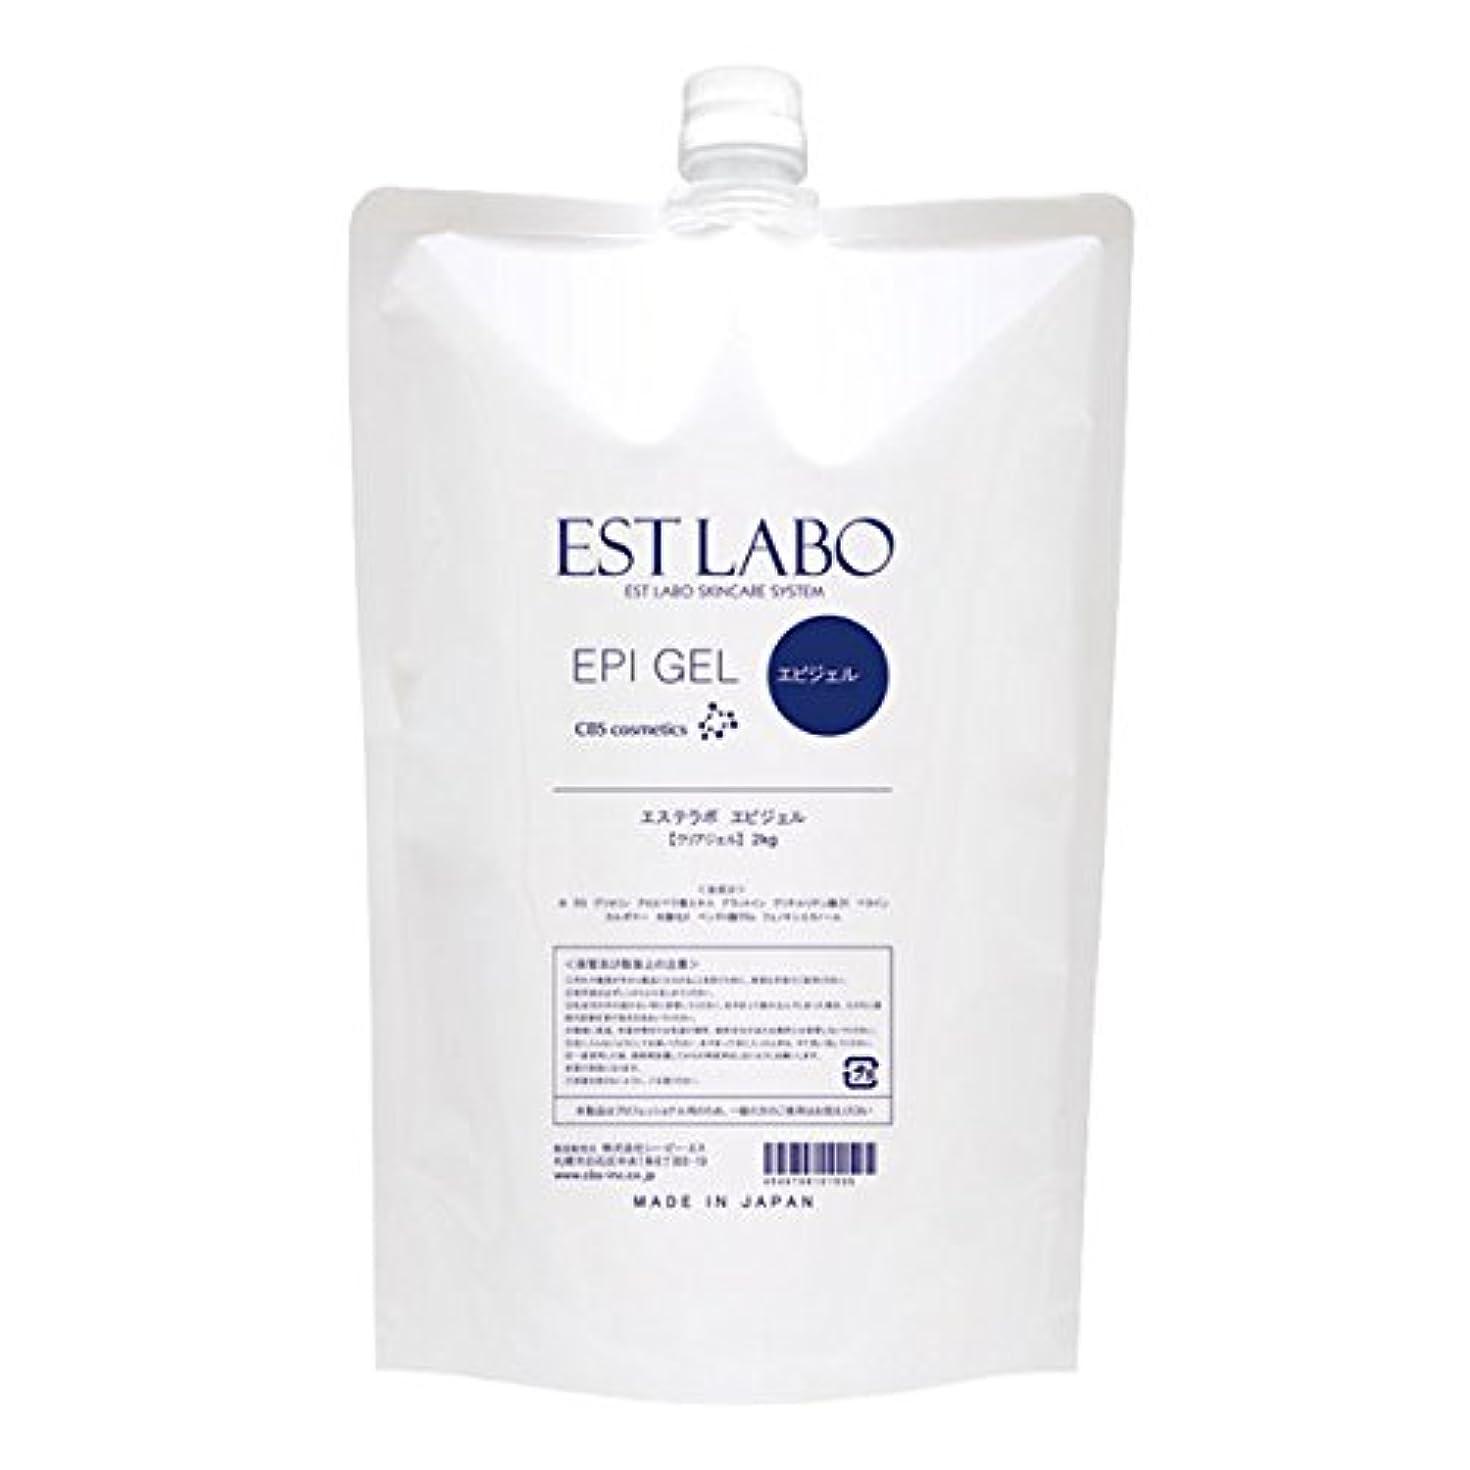 リースキーコモランマ脱毛 EST LABO エピジェル(1袋?2kg)×2 合計2袋?4kg 業務用